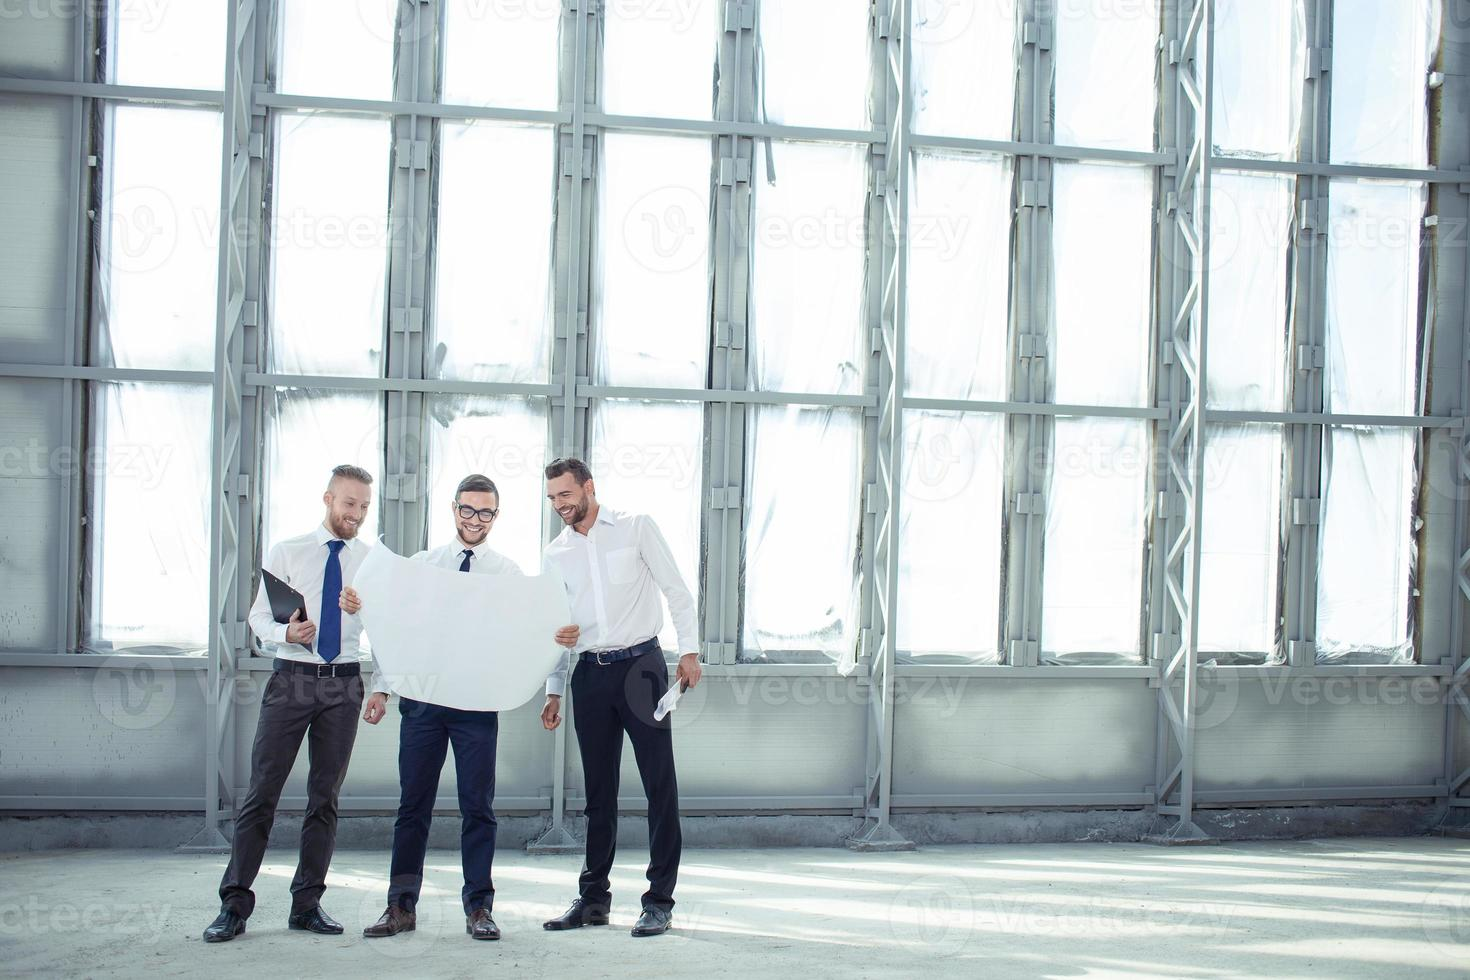 fröhliche junge Architekten diskutieren über ein neues Projekt foto